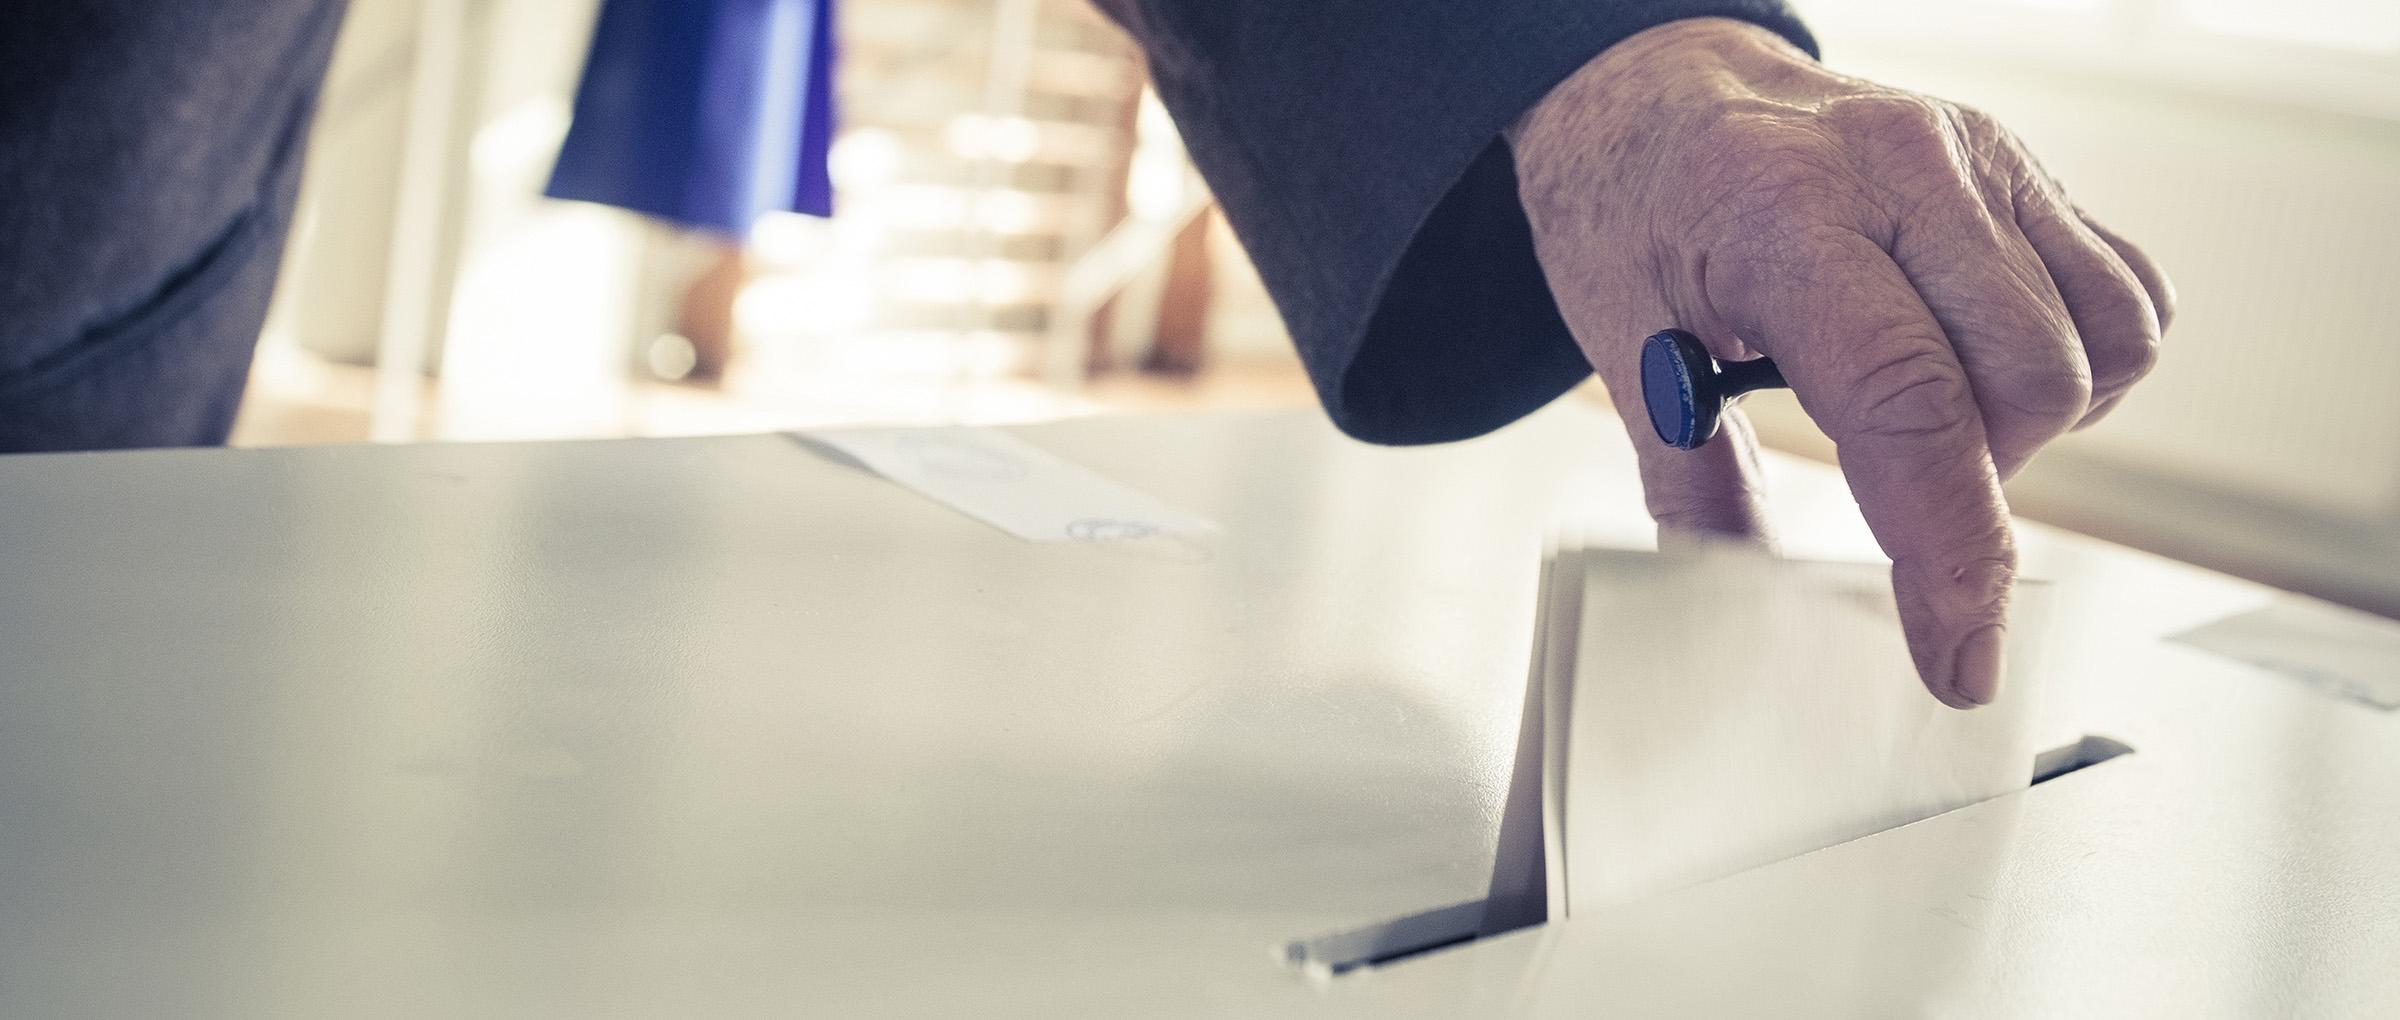 La gestación subrogada en las elecciones 2015